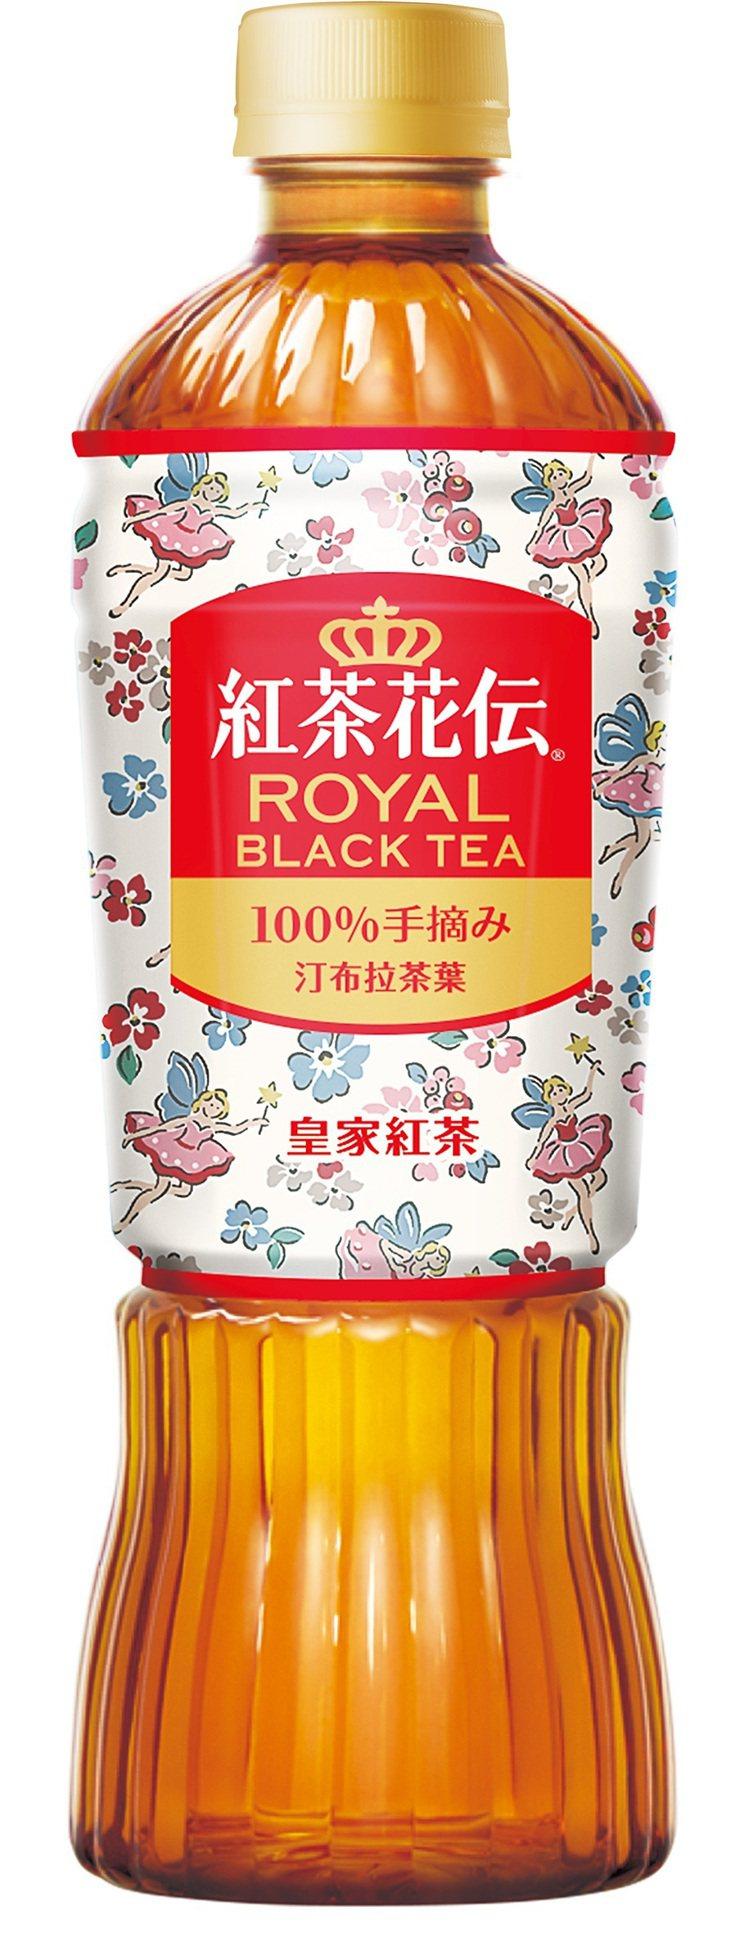 「紅茶花伝」x「Cath Kidston」聯名限定包裝皇家紅茶,建議售價29元。...